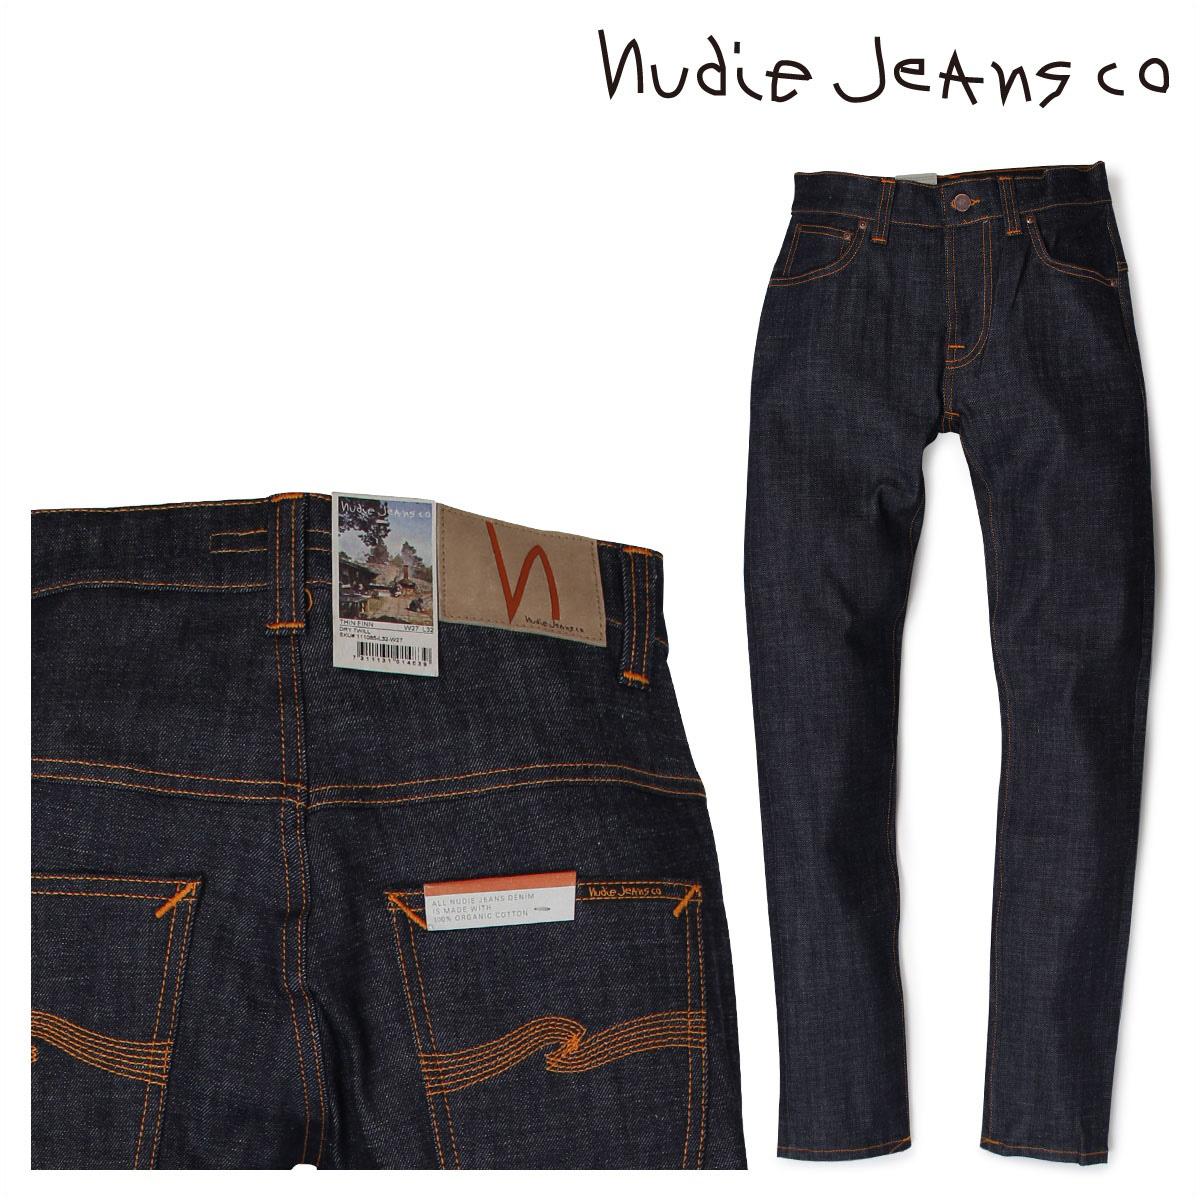 都内で ヌーディージーンズ nudie jeans THIN FINN スキニー メンズ THIN スキニー デニム パンツ FINN DRY TWILL ブルー, 会社の星:d013632f --- canoncity.azurewebsites.net